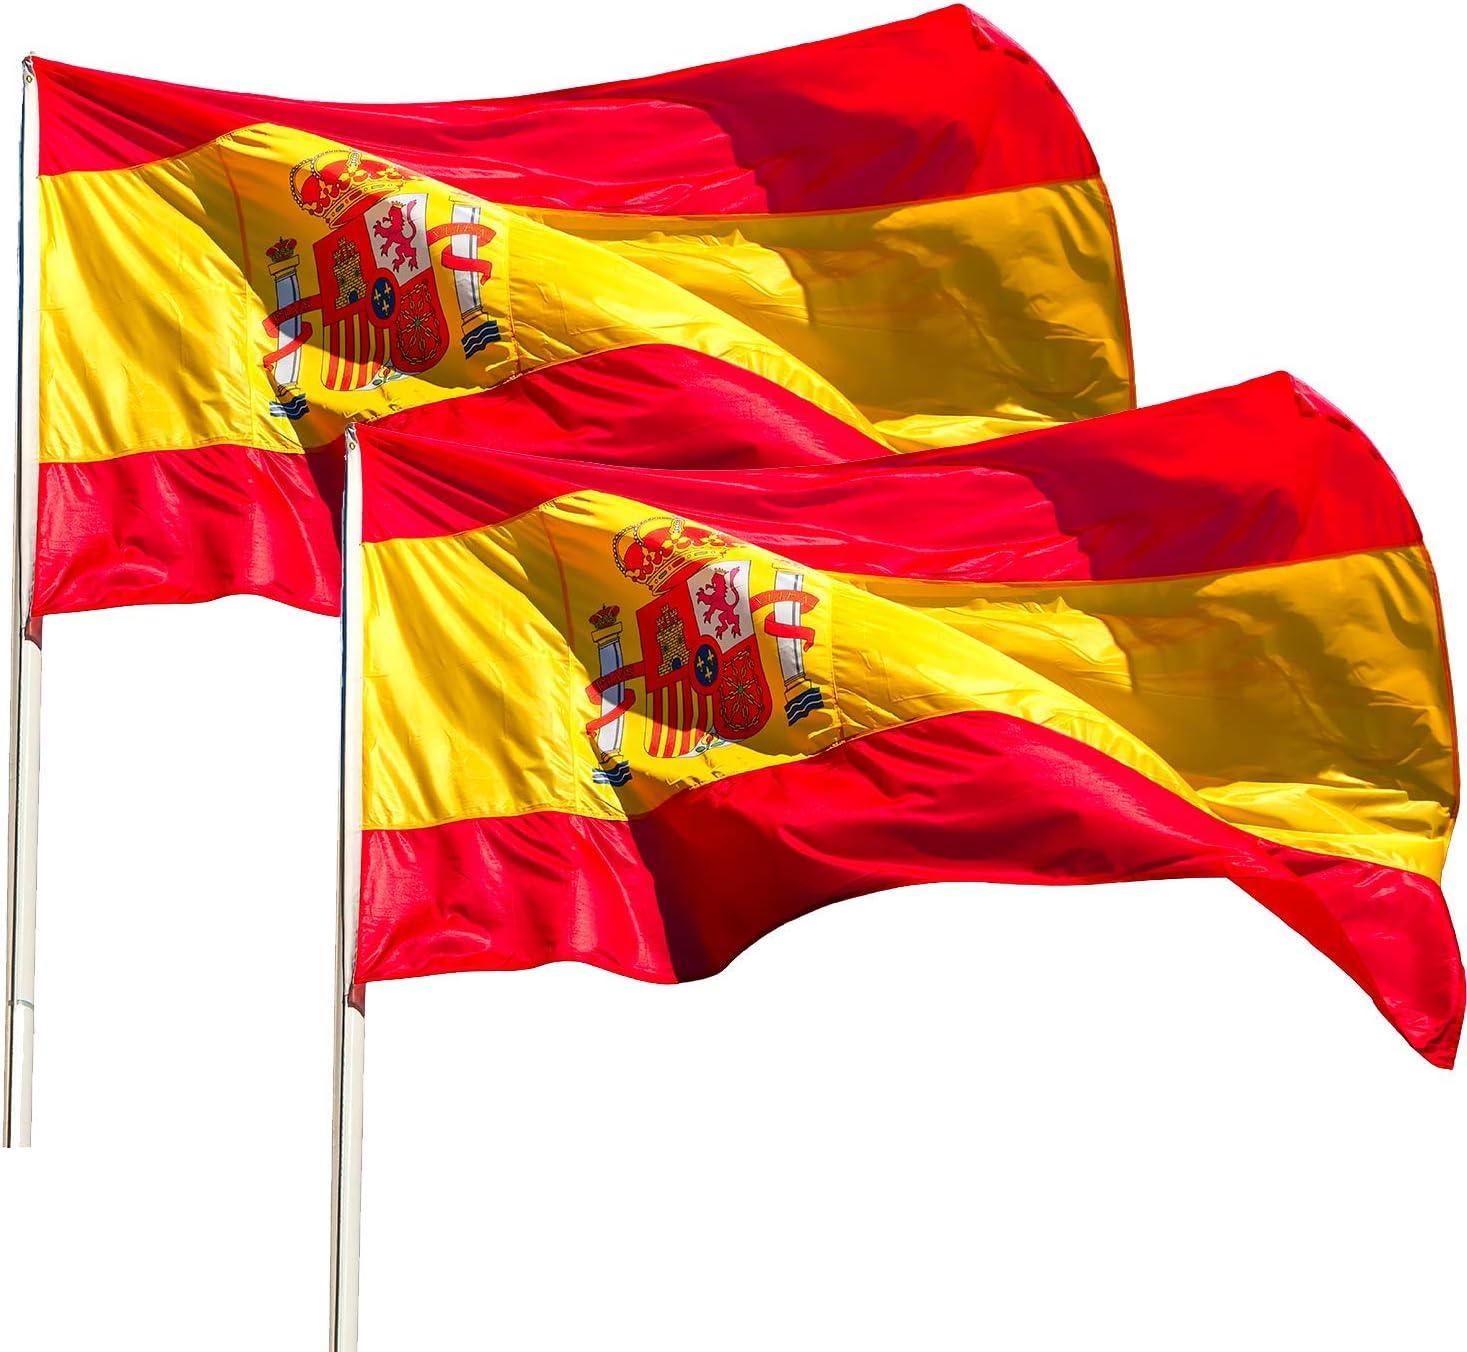 KliKil Bandera España Grande - Pack de 2 Banderas, Bandera de España Balcon, Bandera Española para Exterior Jardin y colgarlo en un Mastil, Spanish Flag - 150x90 cm: Amazon.es: Jardín